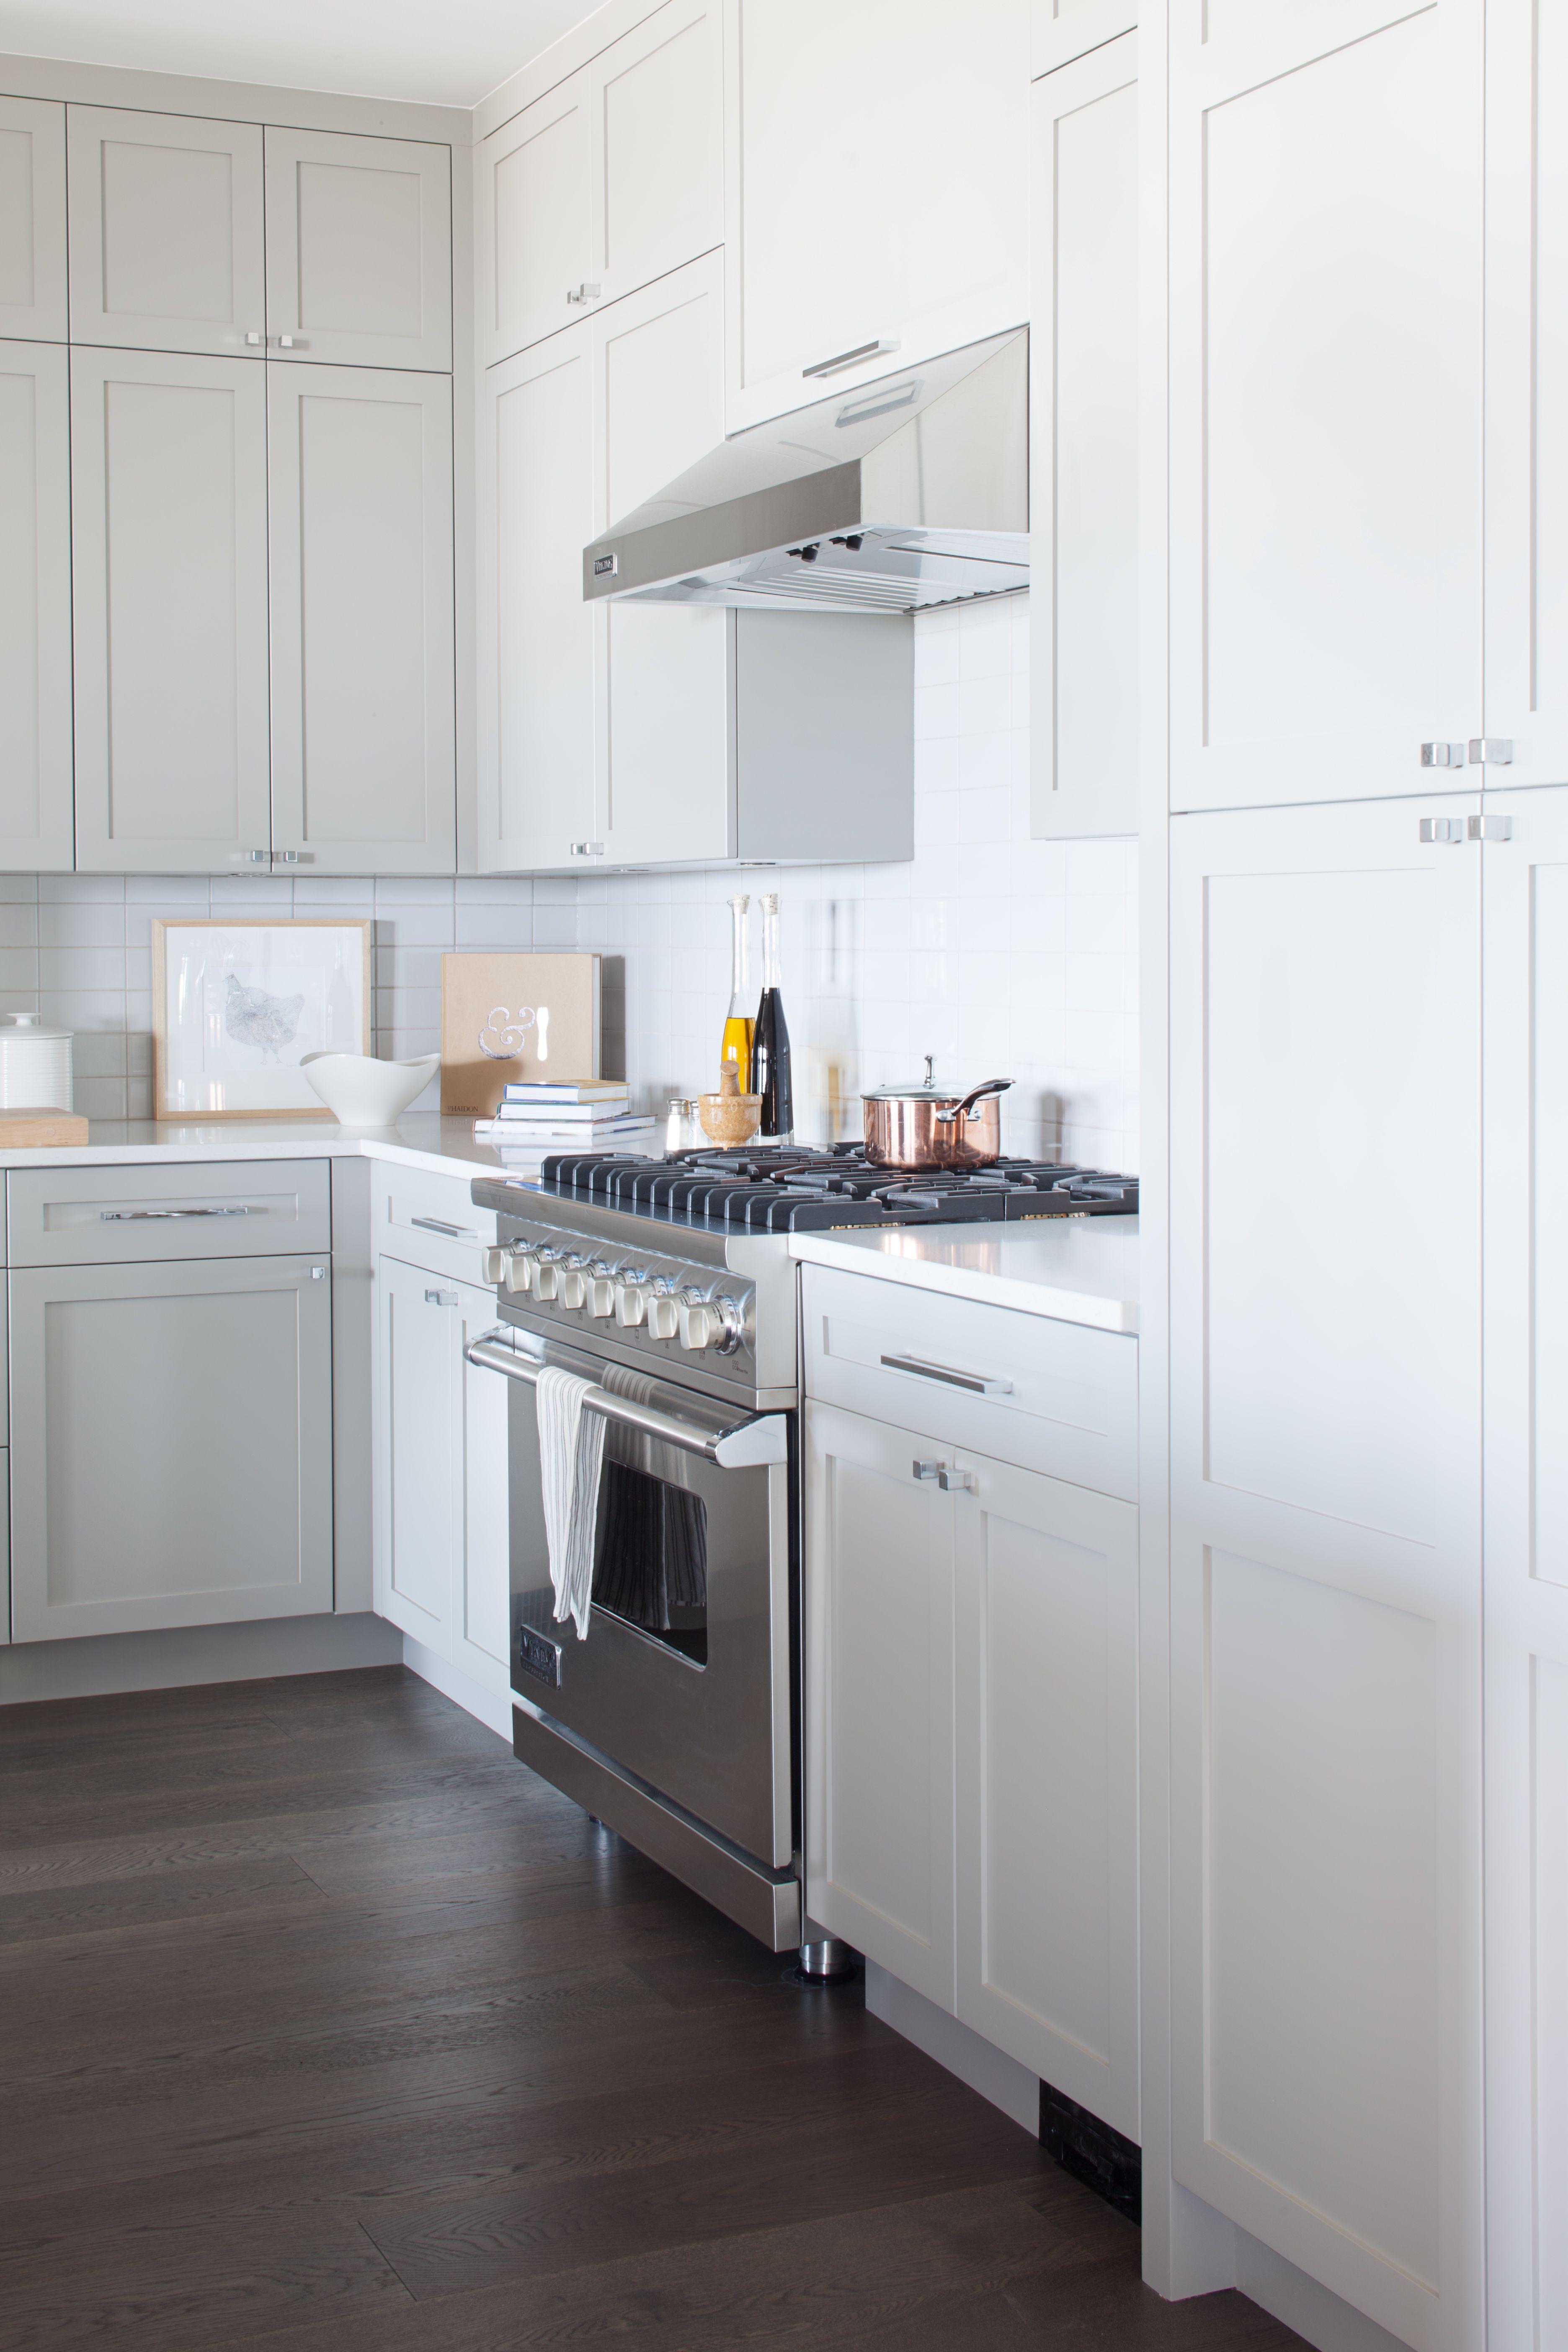 Kitchen gas stove kitchens pinterest